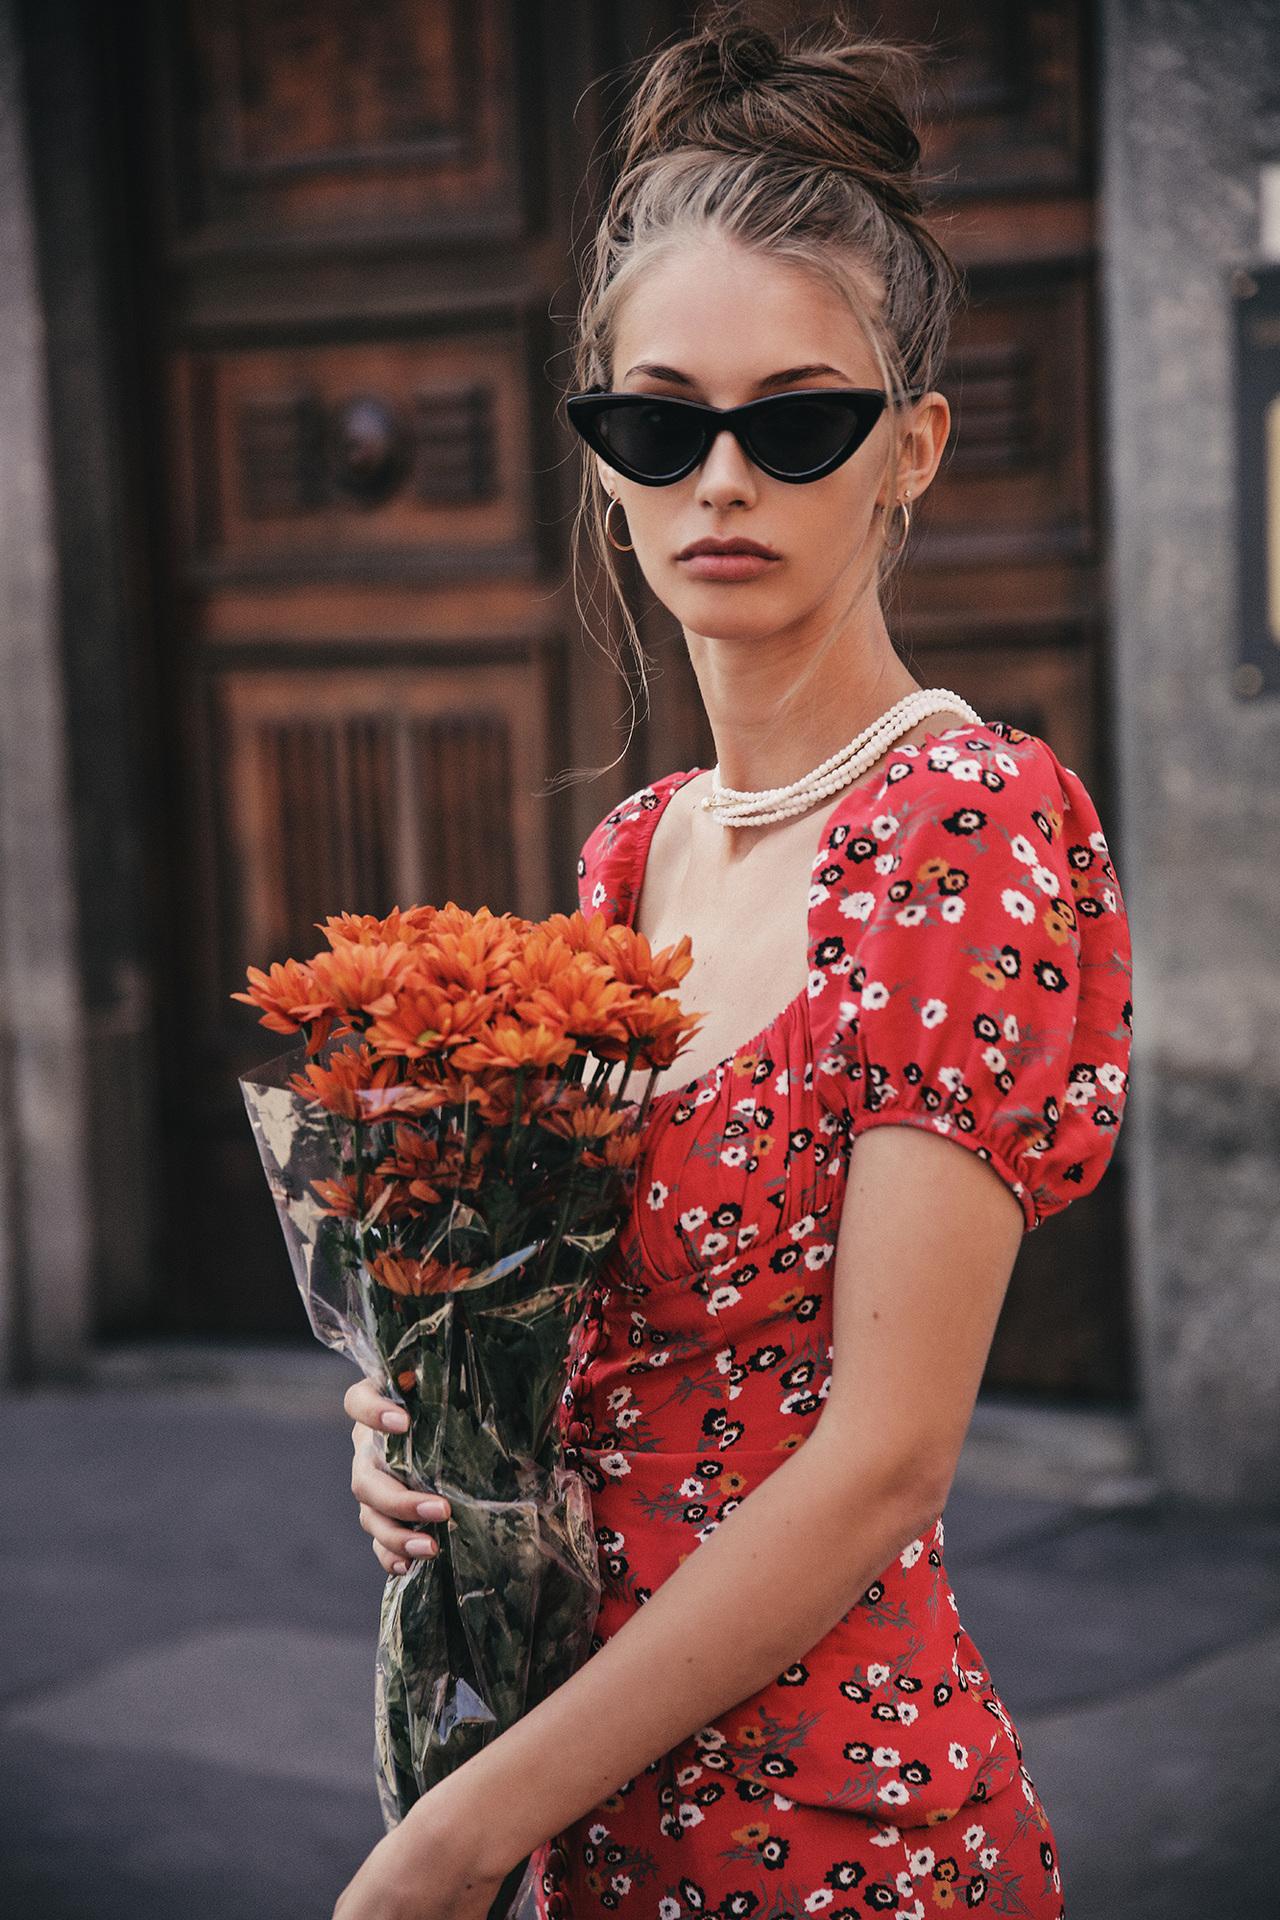 Yulia Rose by Raffaele Marone